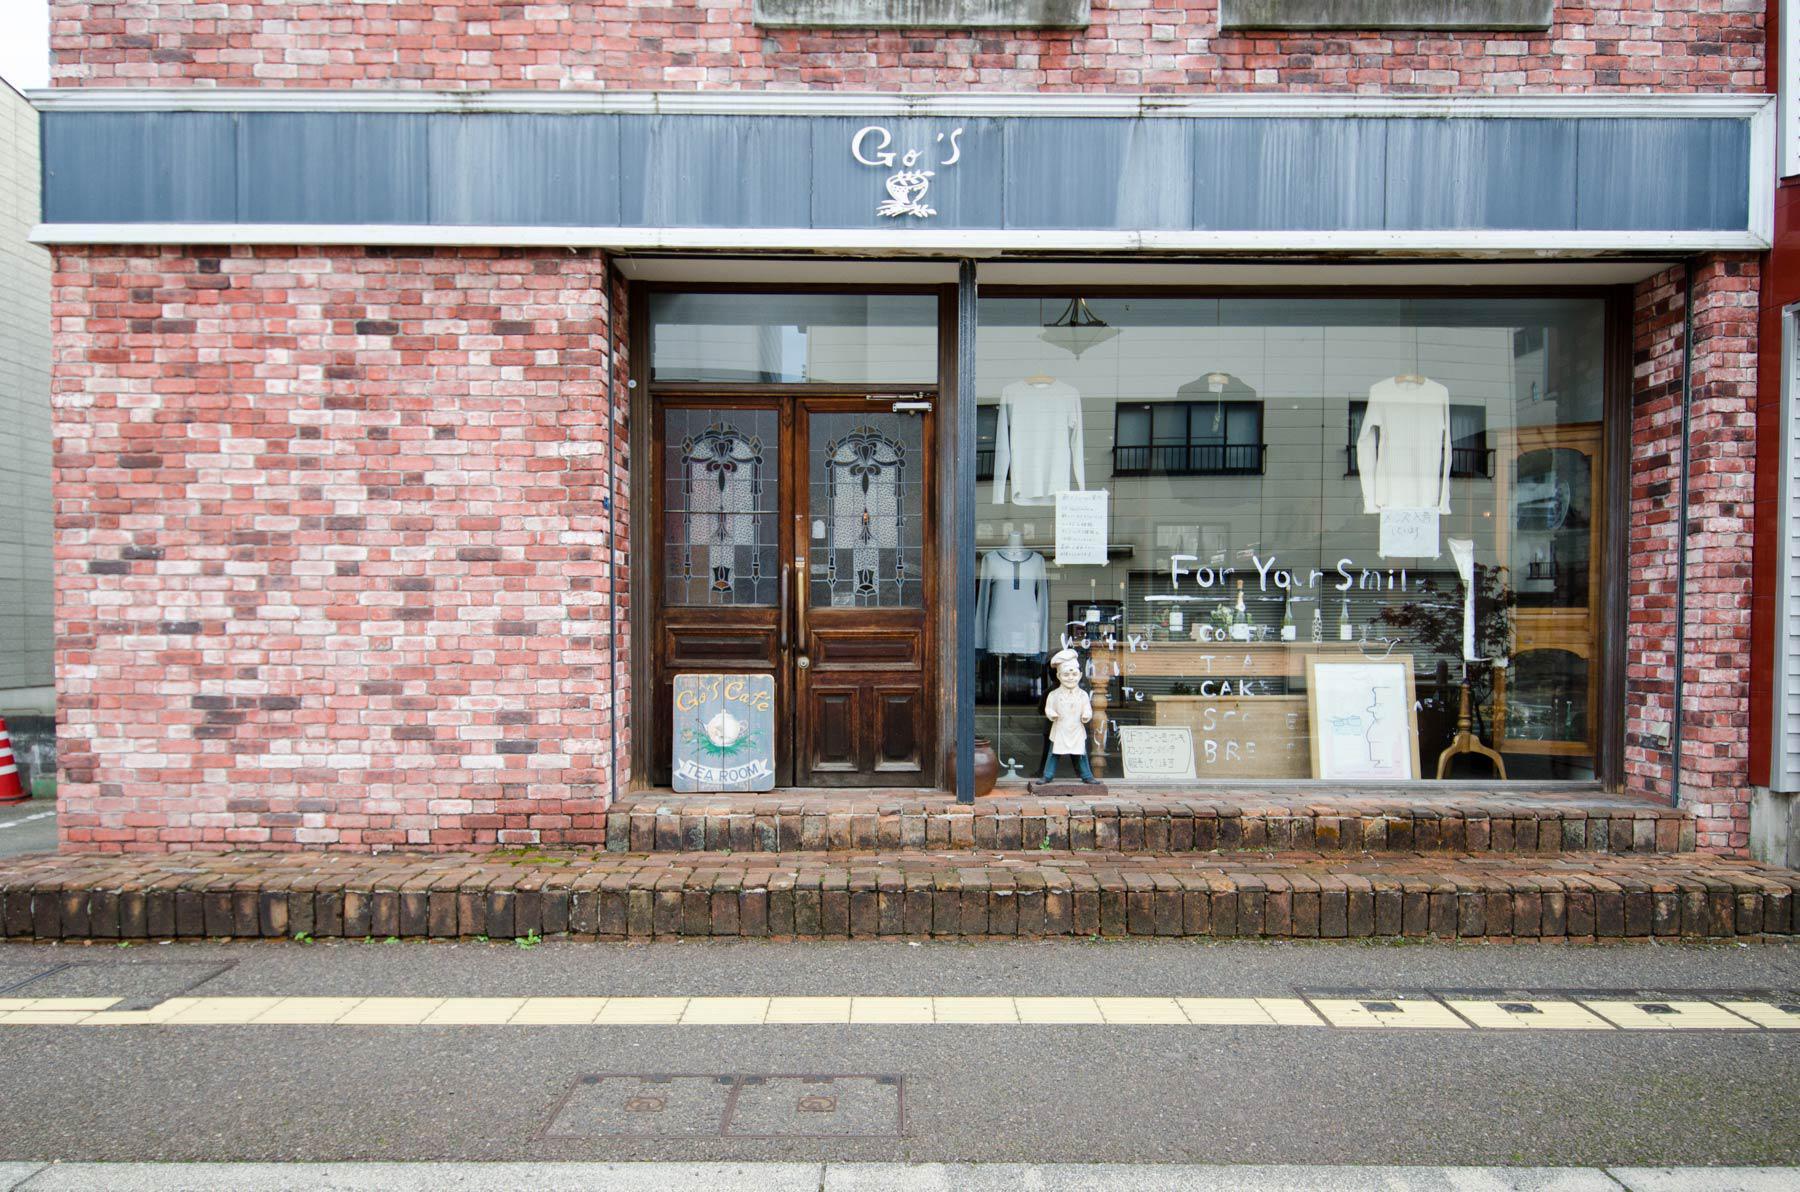 Go's cafe